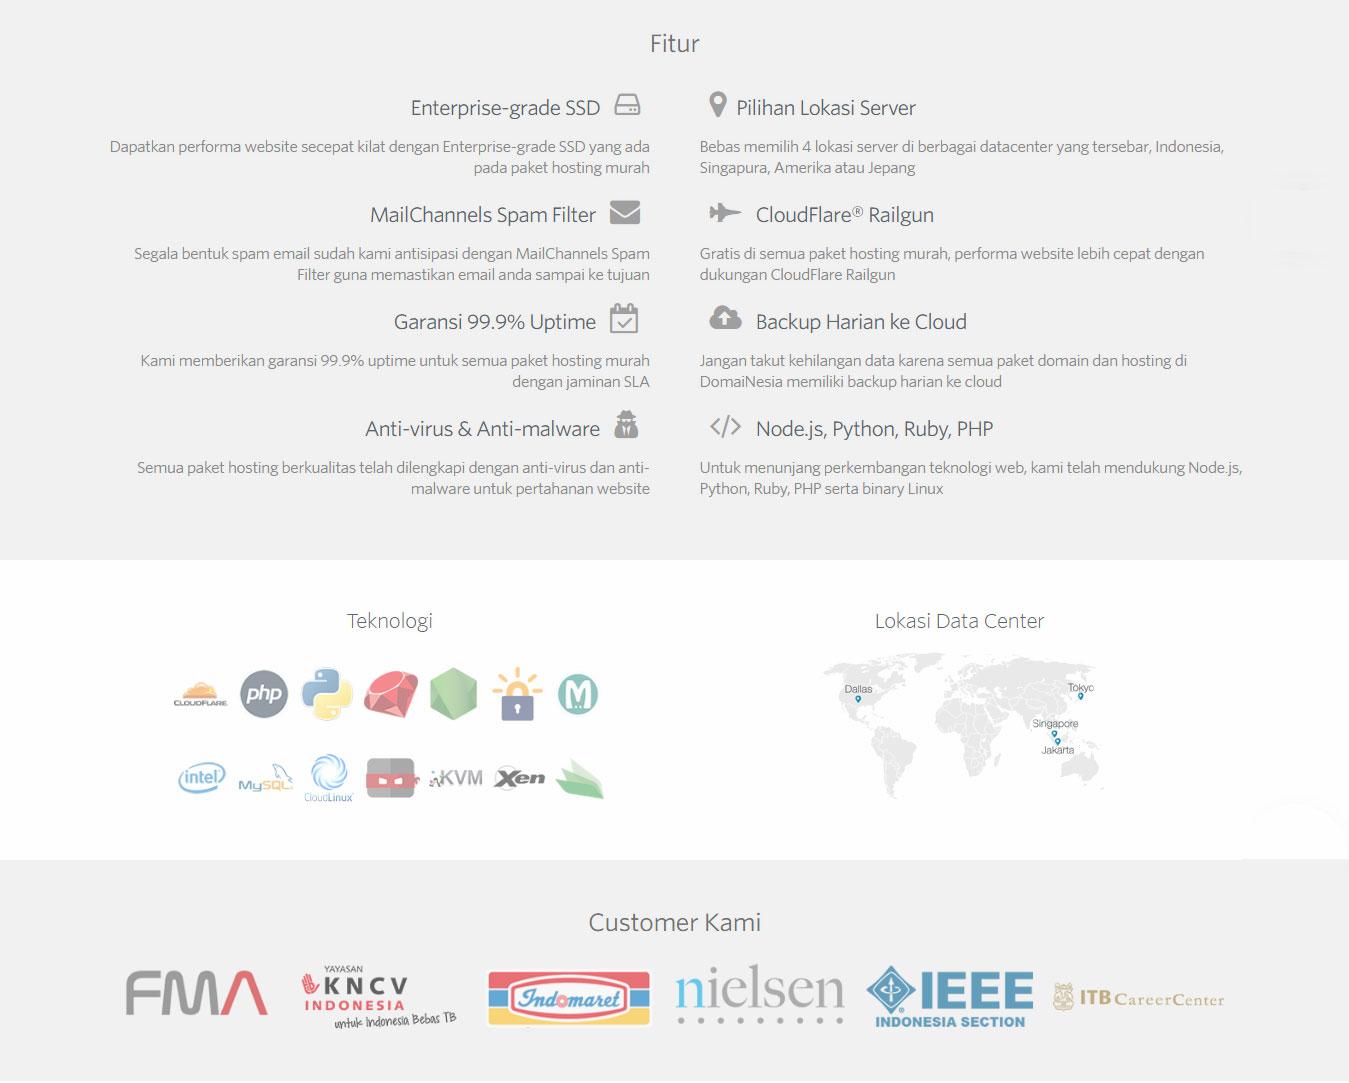 Daftar Paket Domain dan Hosting Domainesia